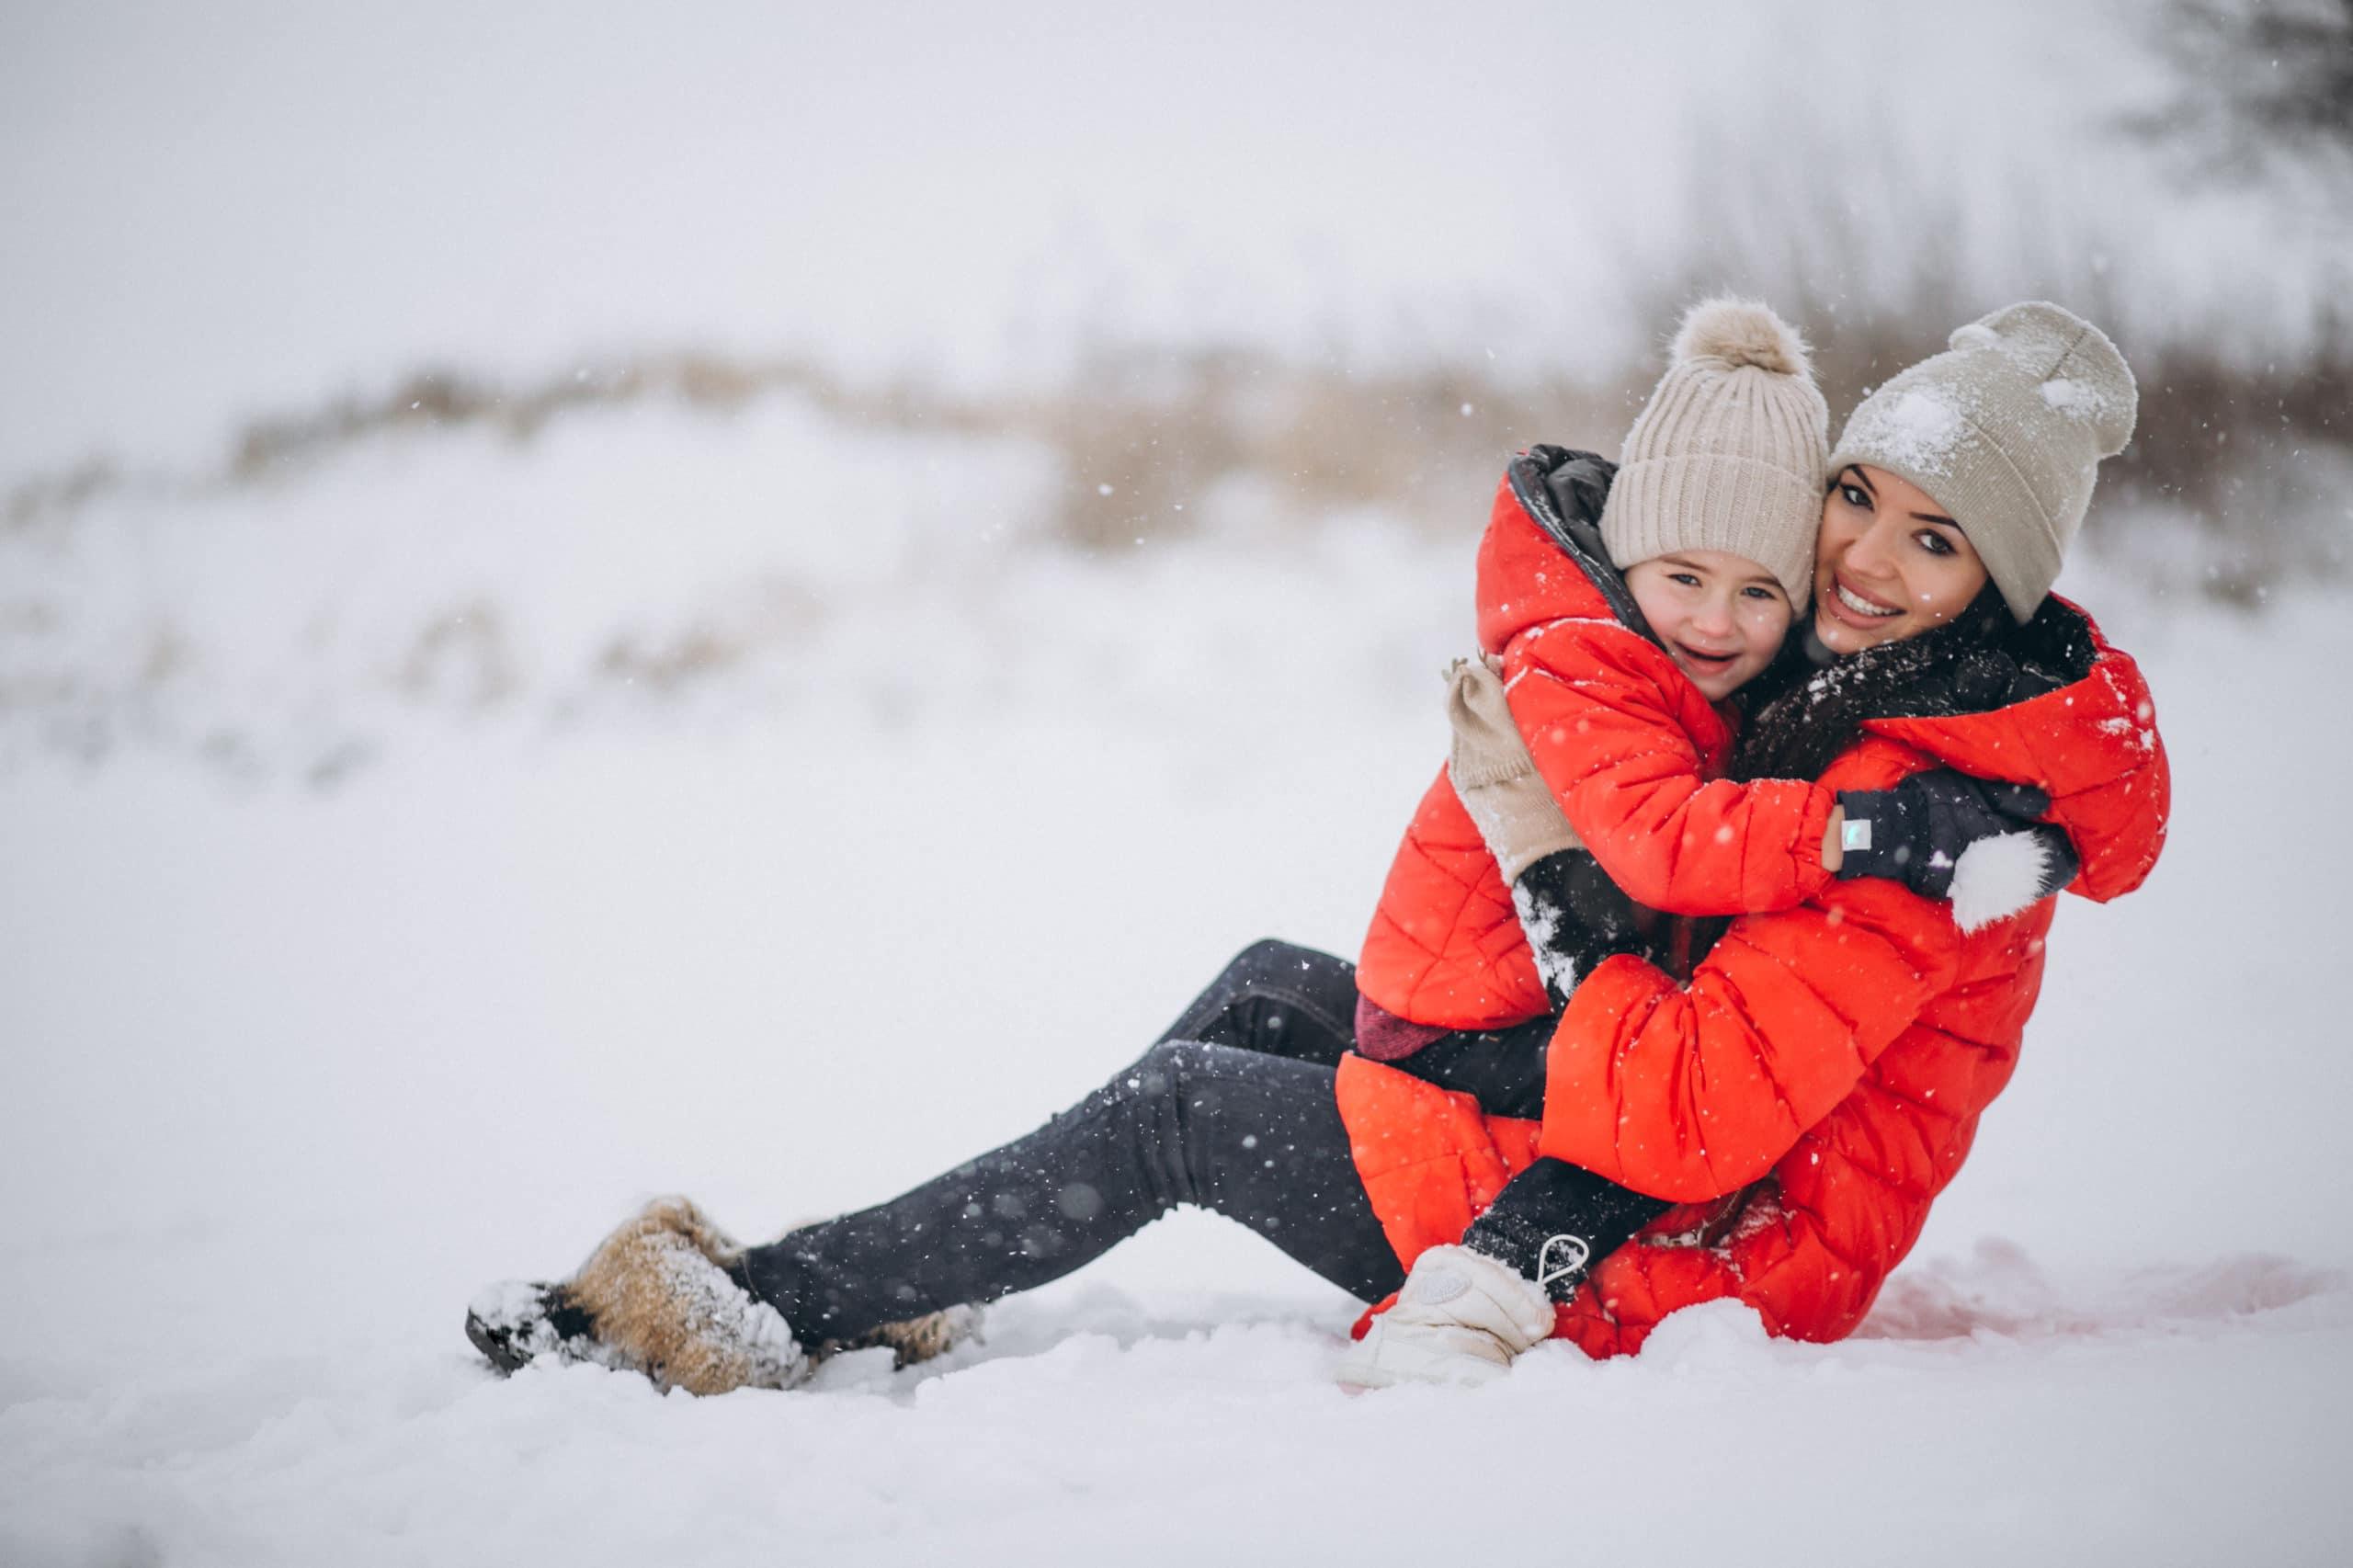 Зимние каникулы в столичном регионе. Чем можно заняться, куда пойти?5 (1)